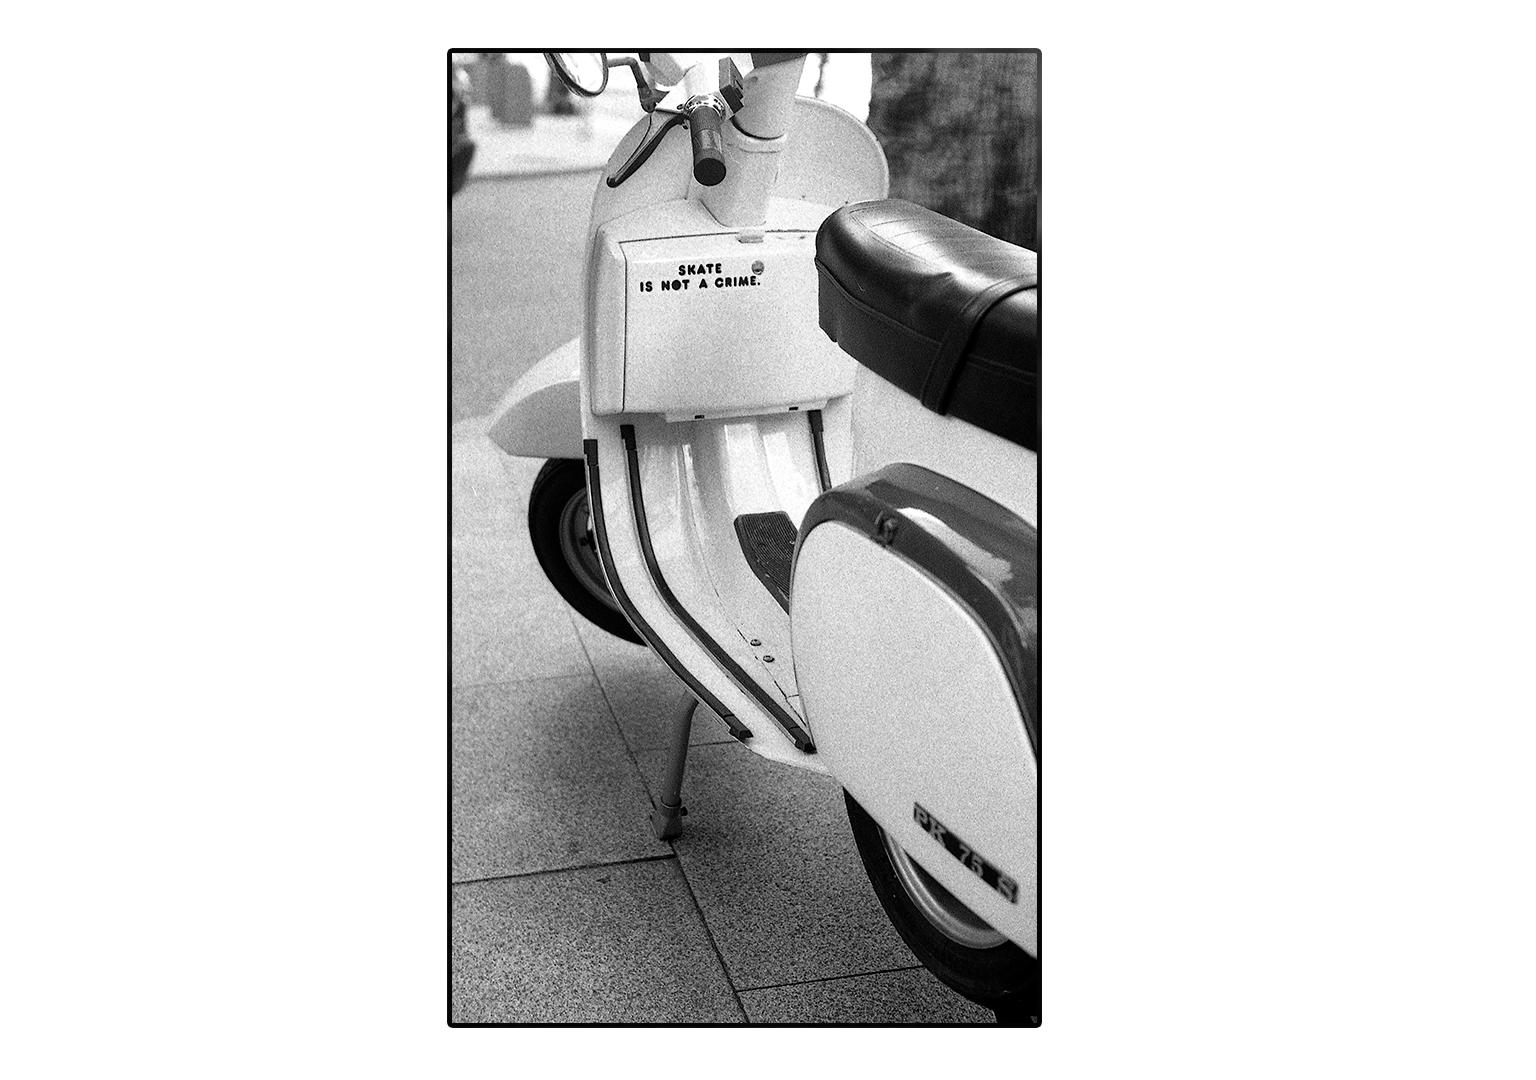 Personal-Vespa-1546x1080